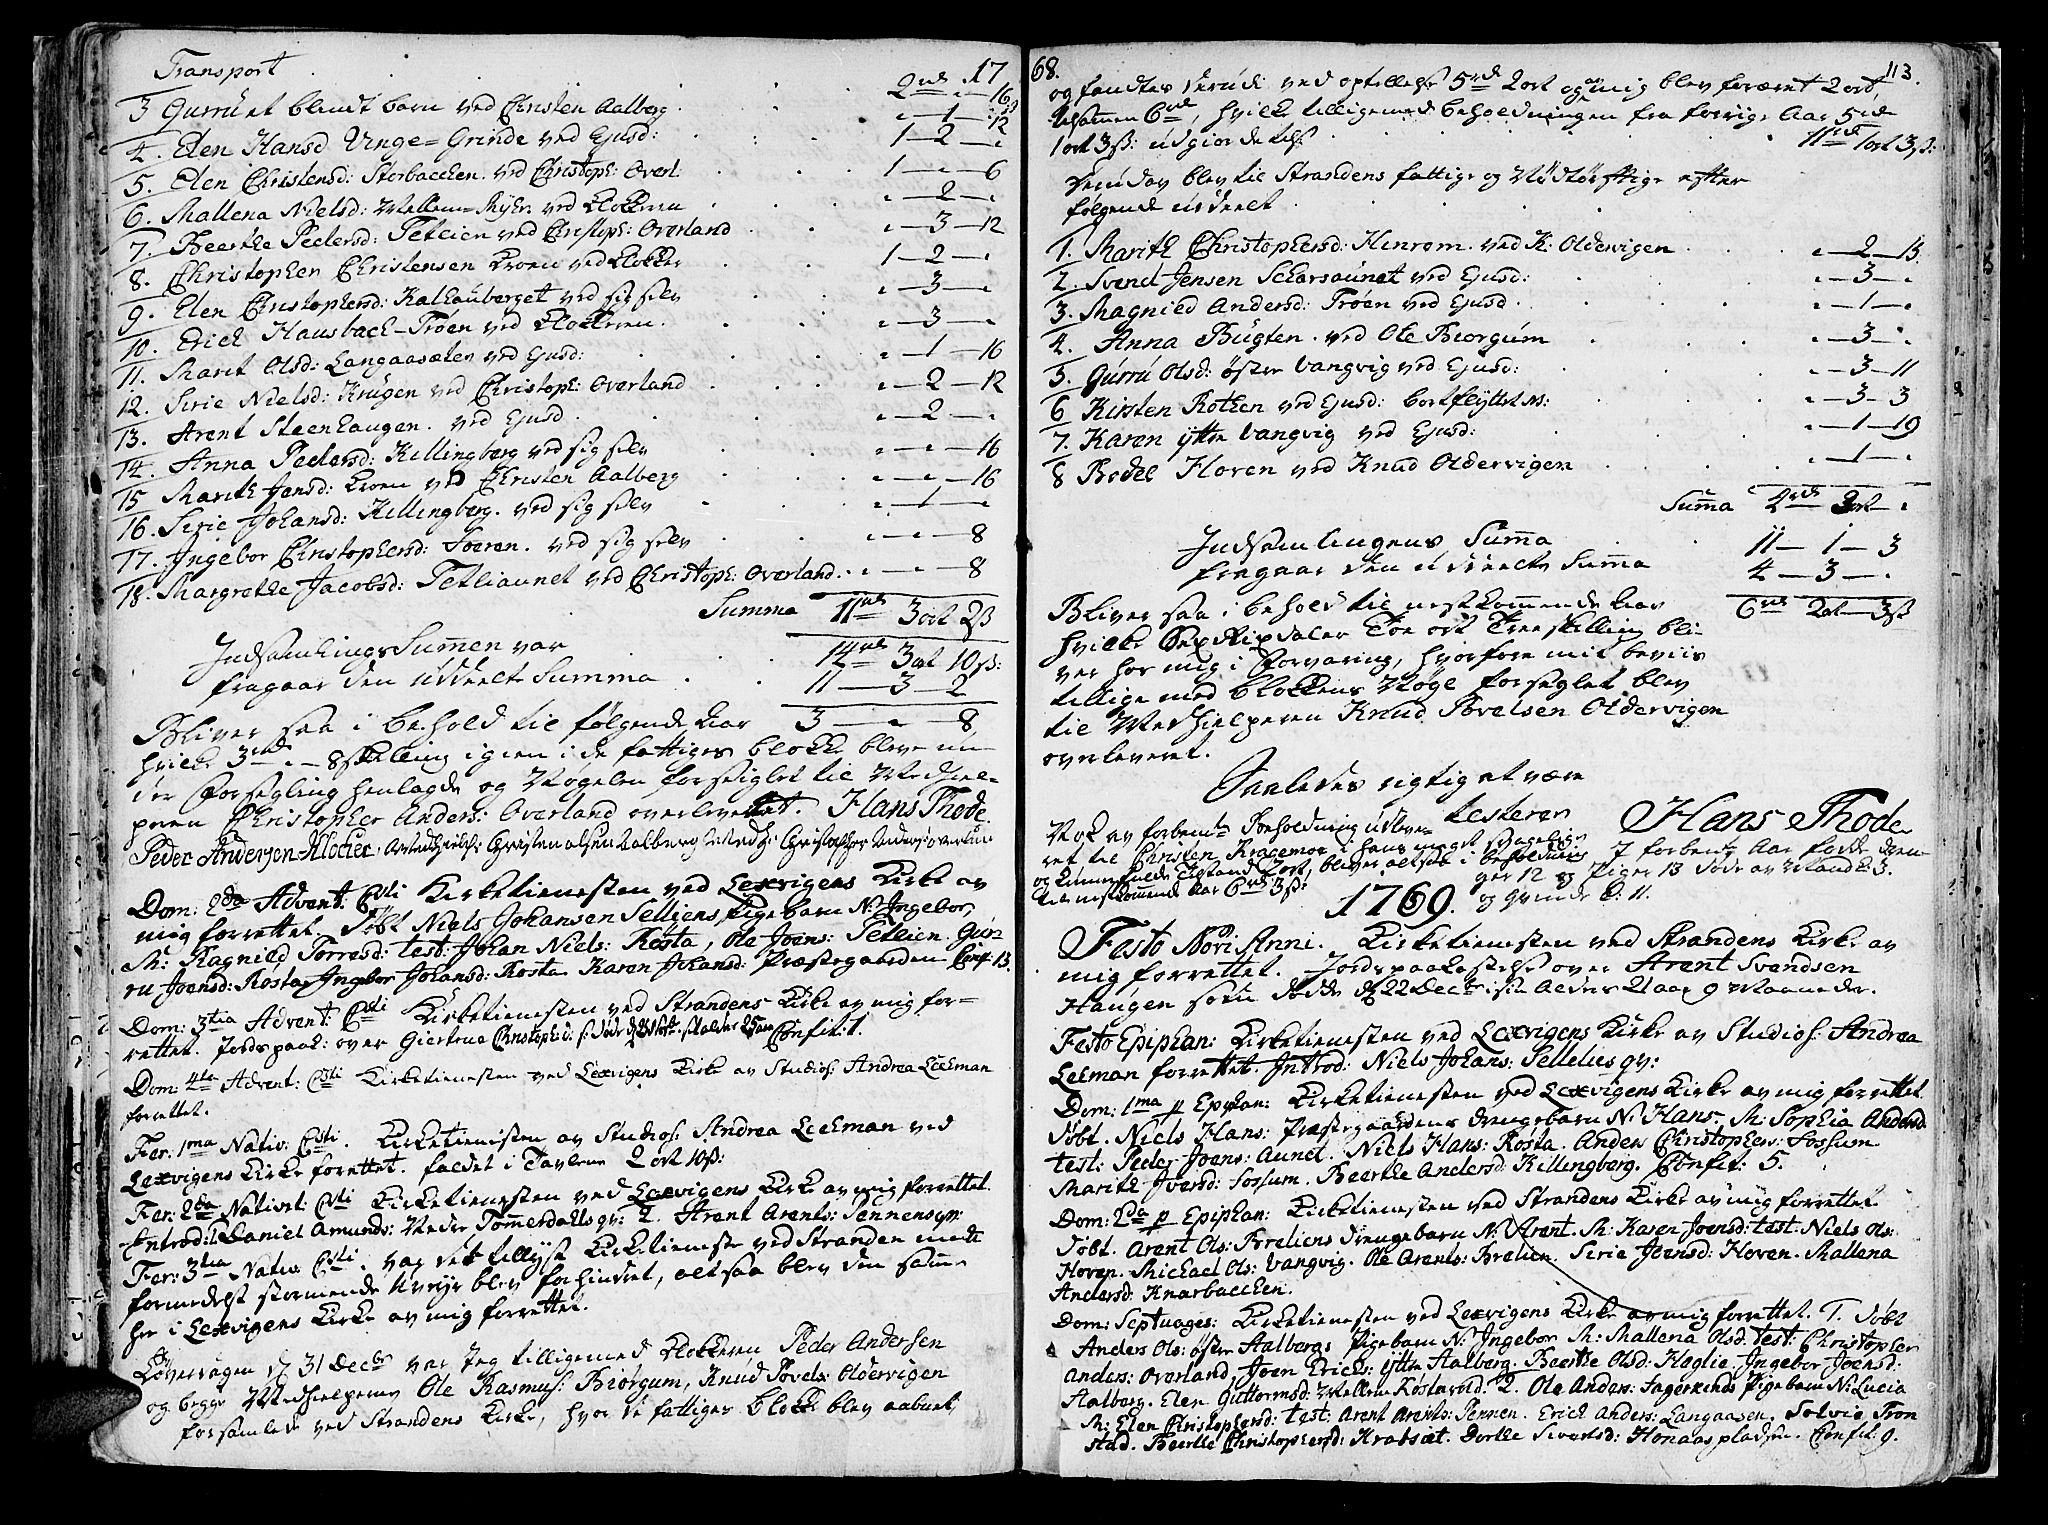 SAT, Ministerialprotokoller, klokkerbøker og fødselsregistre - Nord-Trøndelag, 701/L0003: Ministerialbok nr. 701A03, 1751-1783, s. 113